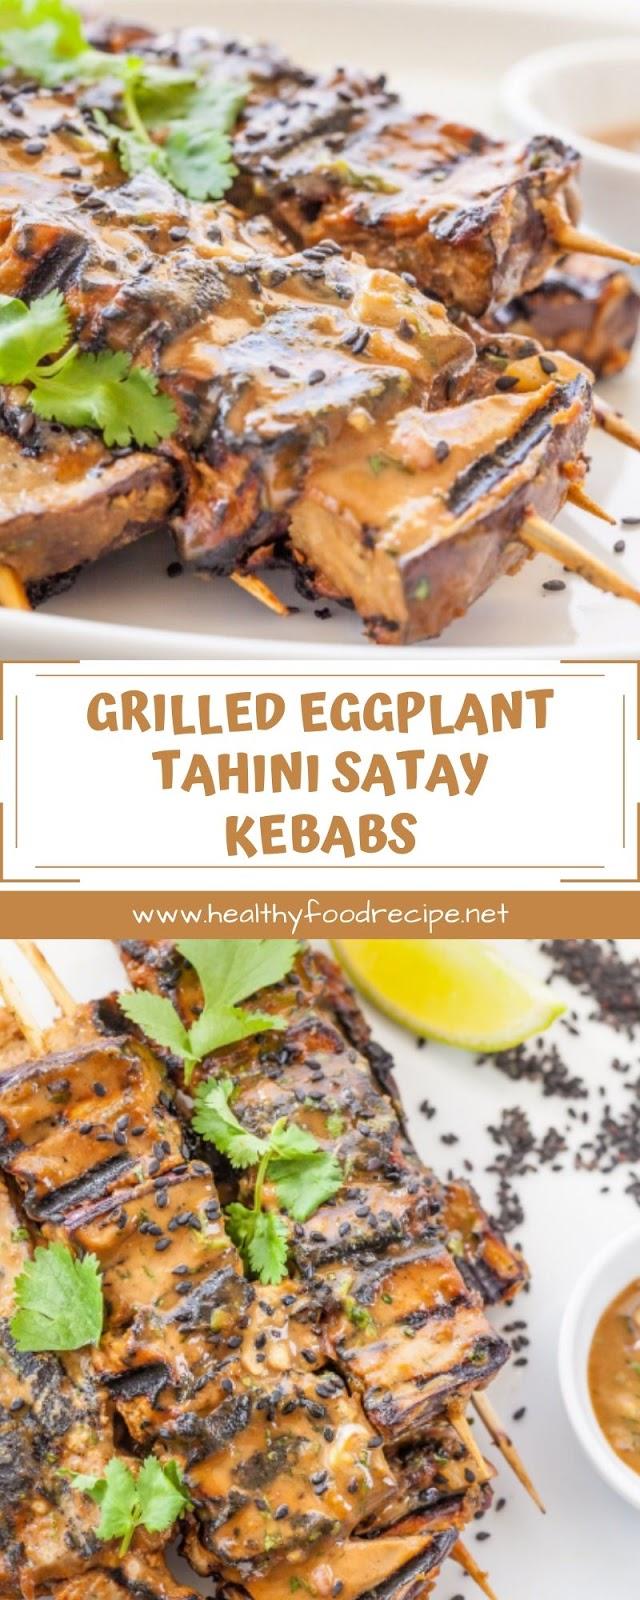 GRILLED EGGPLANT TAHINI SATAY KEBABS